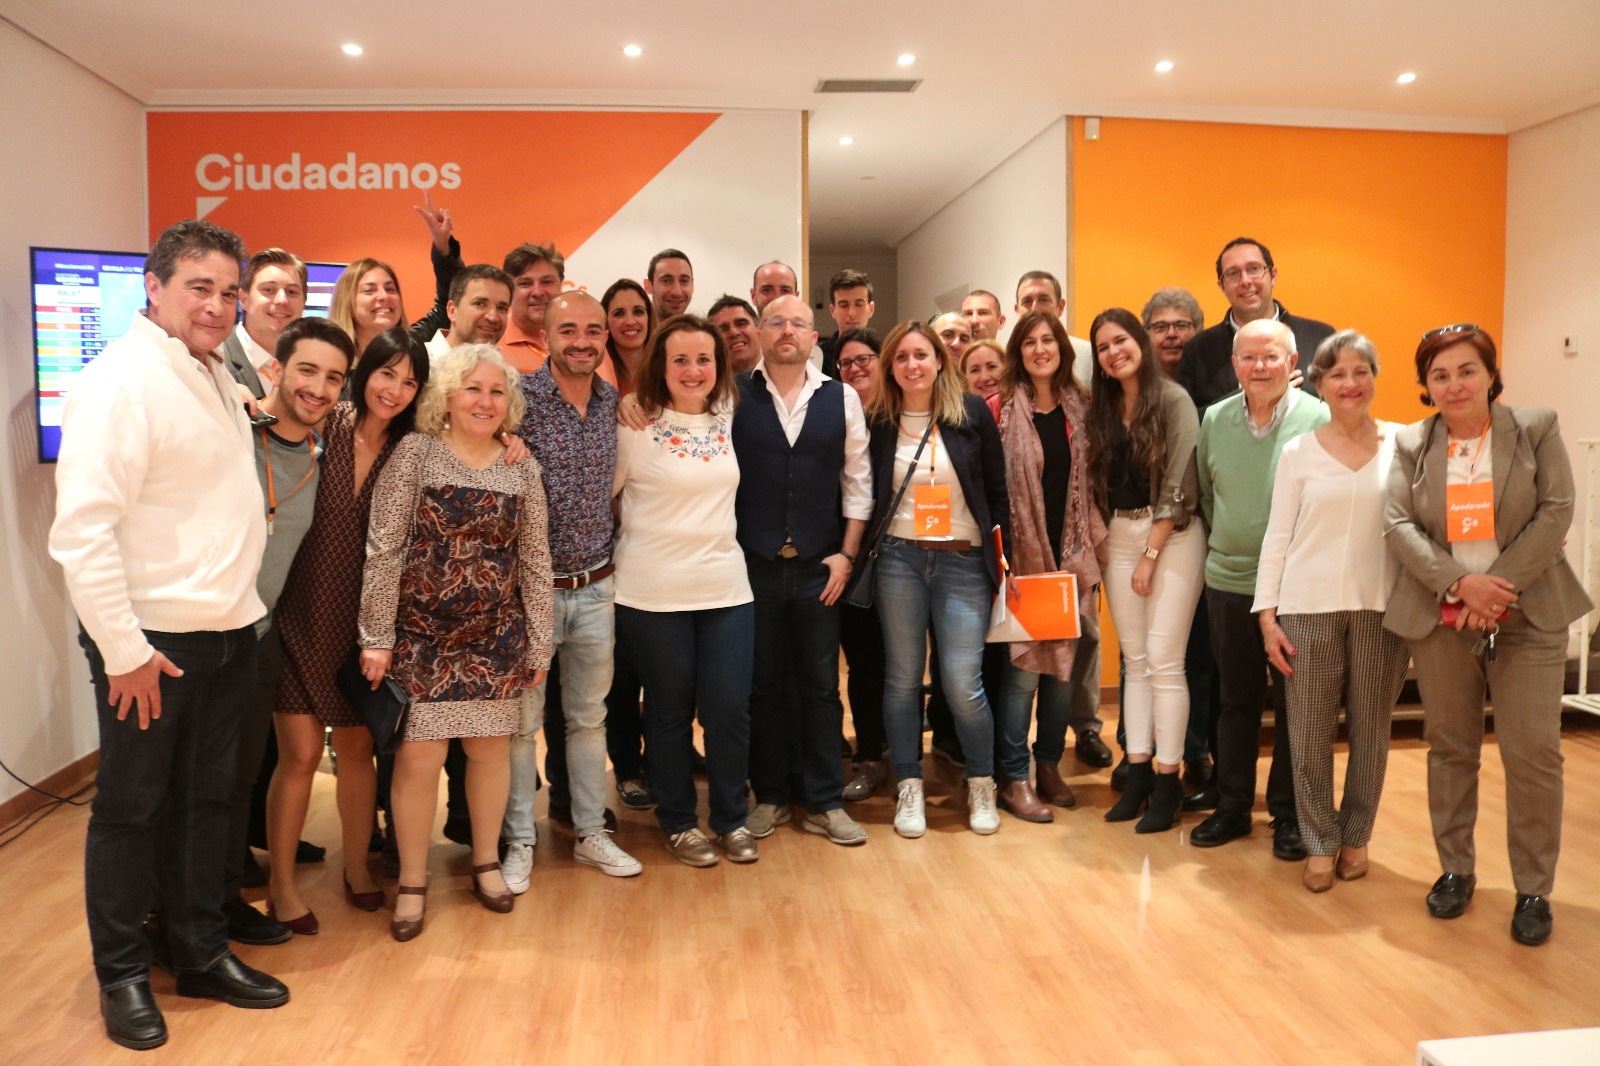 Ciudadanos Castilla-La Mancha logra un resultado histórico y obtiene diputados en Toledo, Albacete, Guadalajara y Ciudad Real 2